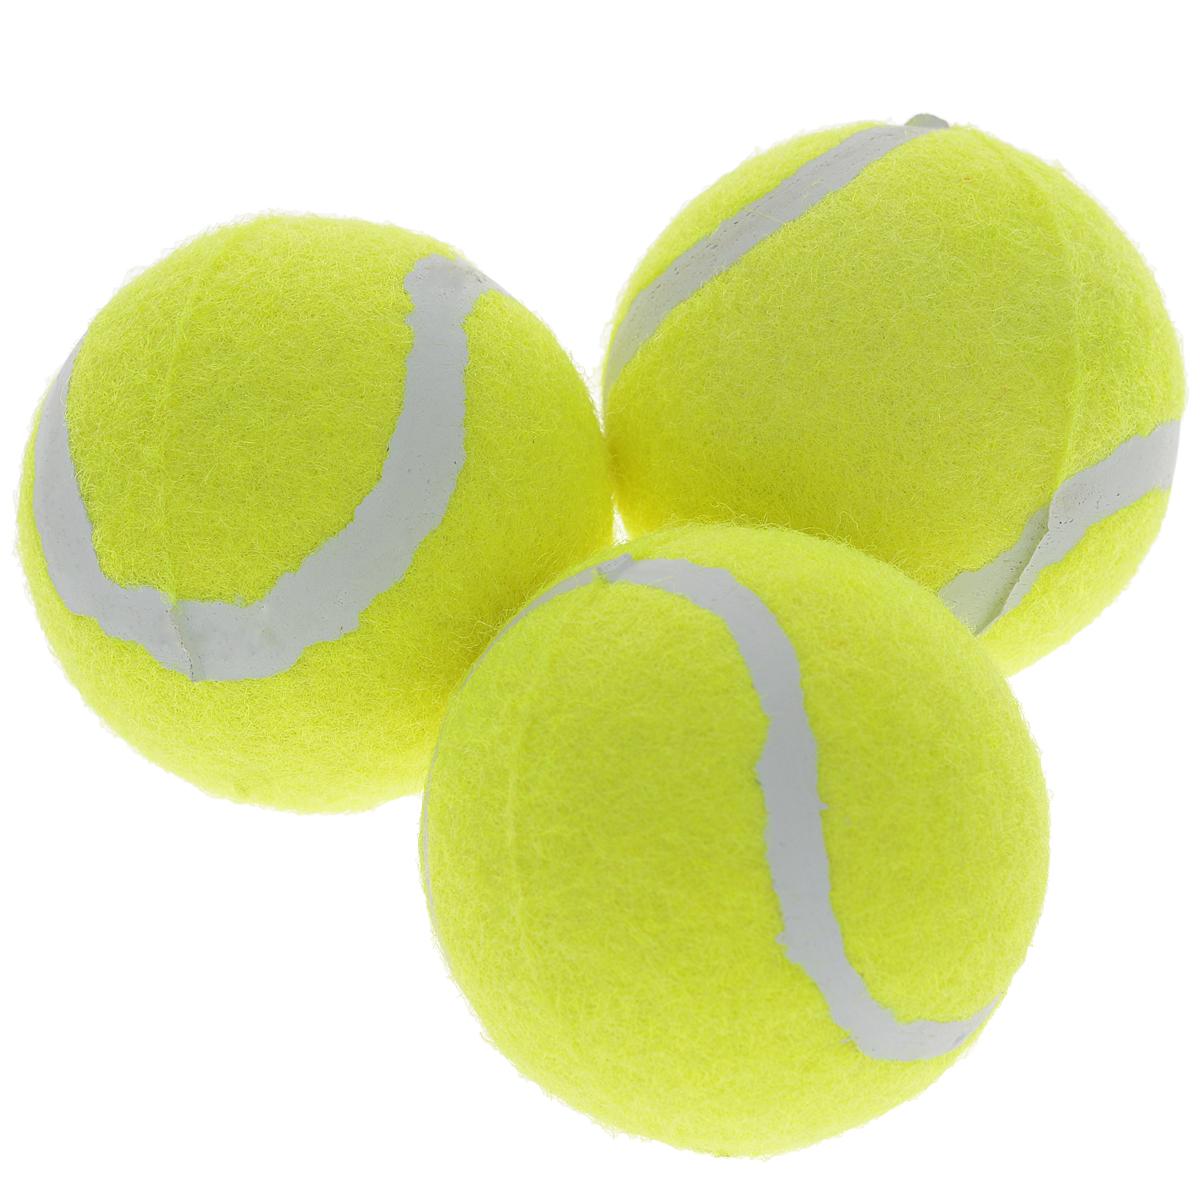 Набор теннисных мячей Start Up, в тубе, 3 шт161919Теннисный мяч Start Up не оставит равнодушными поклонников большого тенниса. Мяч выполнен из высококачественного фетра, и разработан специально для любителей. Набор состоит из трех мячей. Характеристики: Цвет: желтый. Диаметр мяча: 6 см. Размер упаковки: 20 см х 7 см х 7 см.Производитель: Китай. Артикул: 161919.